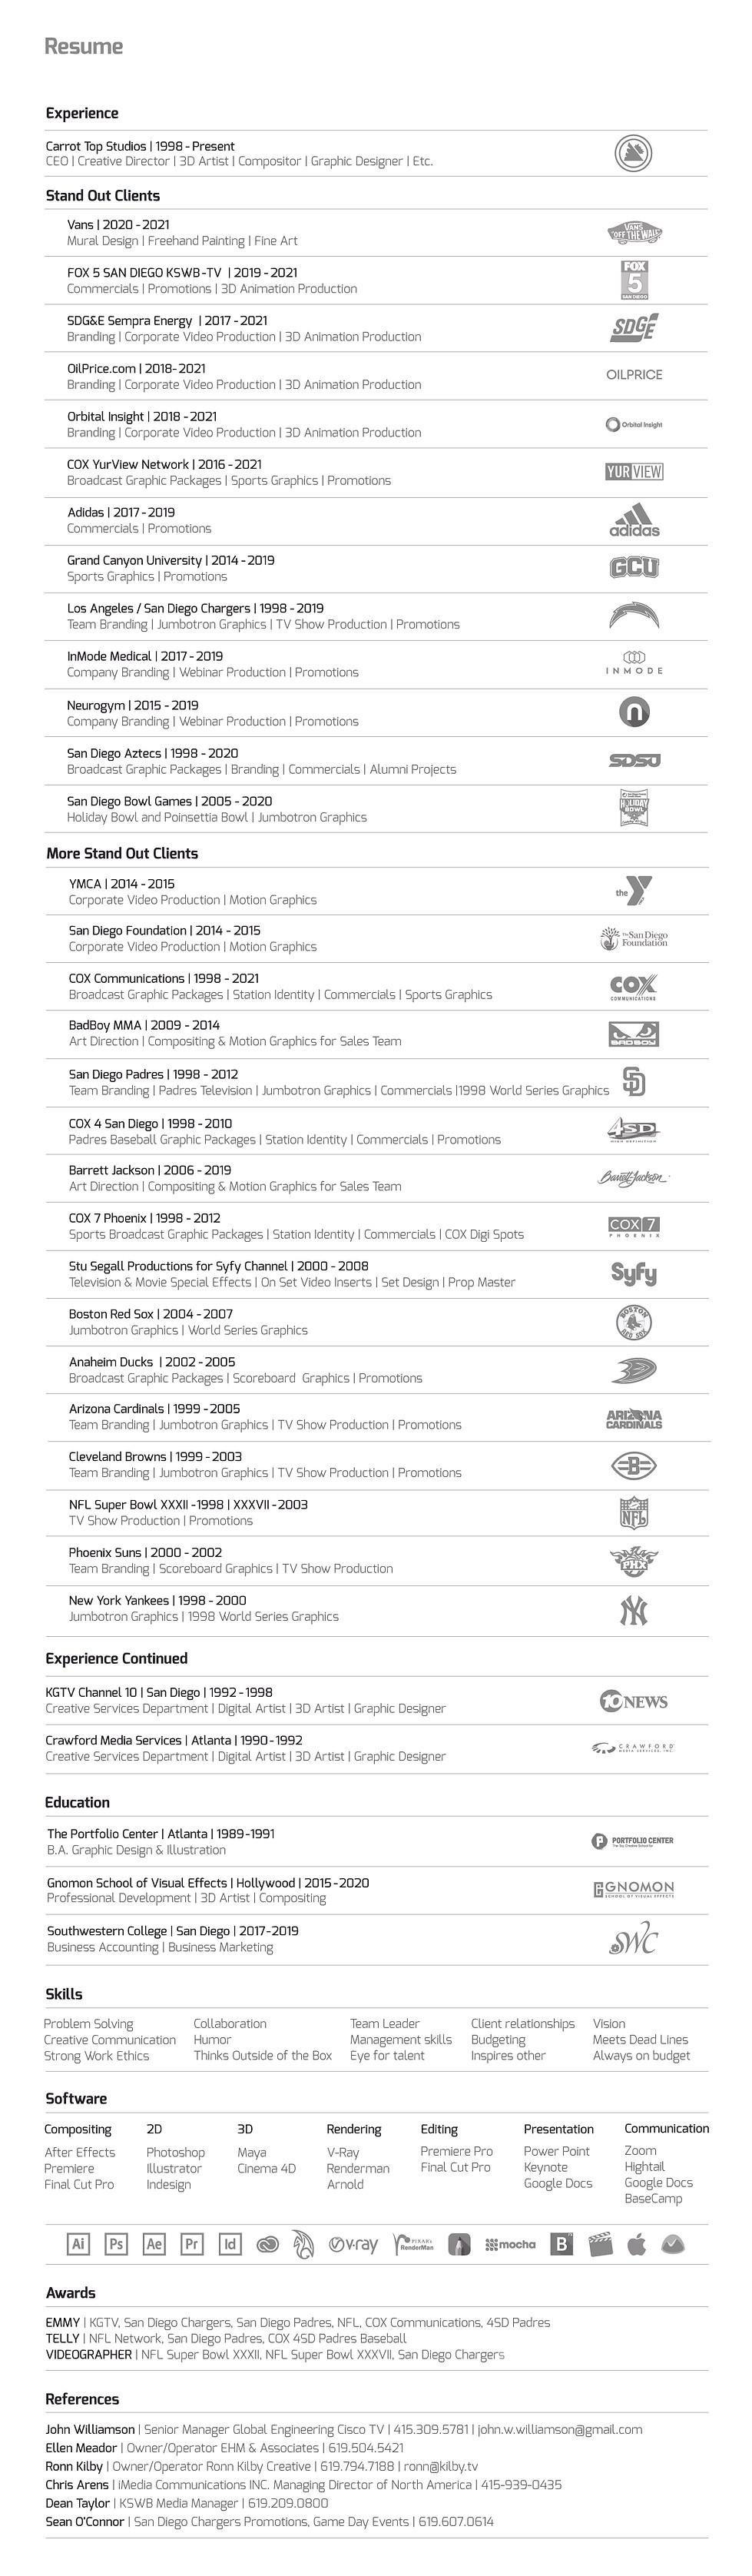 2021_wbsite_resume-01.jpg